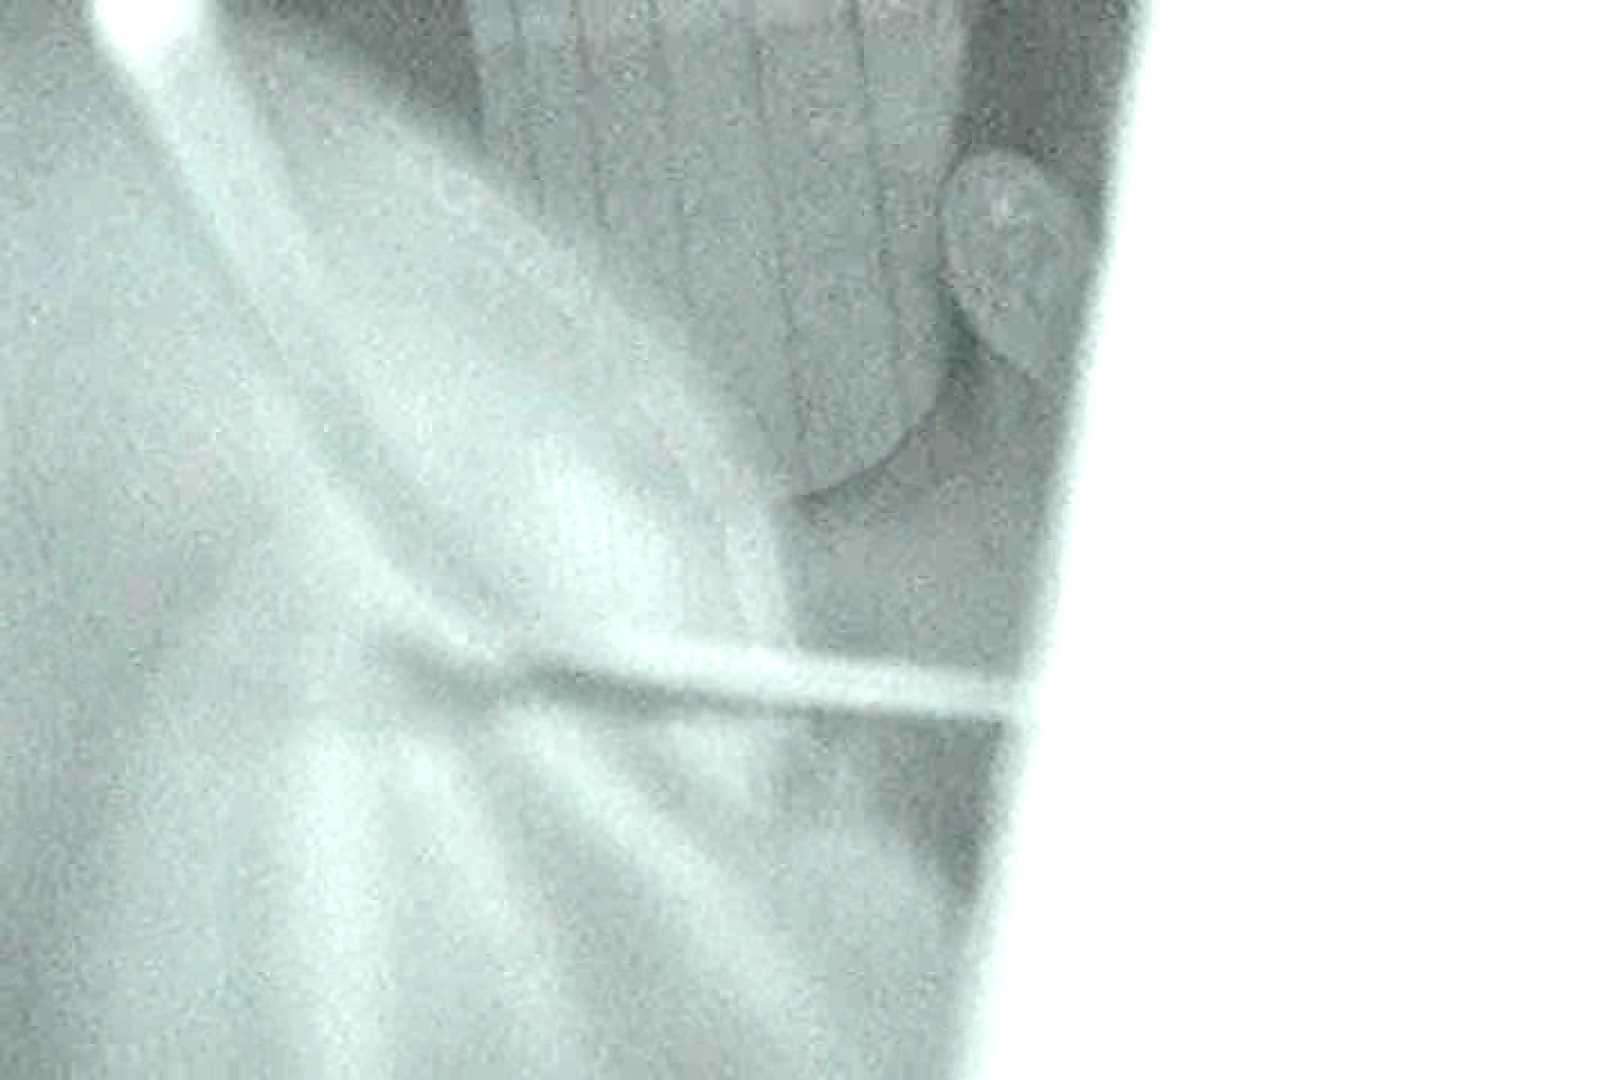 充血監督の深夜の運動会Vol.12 セックス アダルト動画キャプチャ 91PIX 47